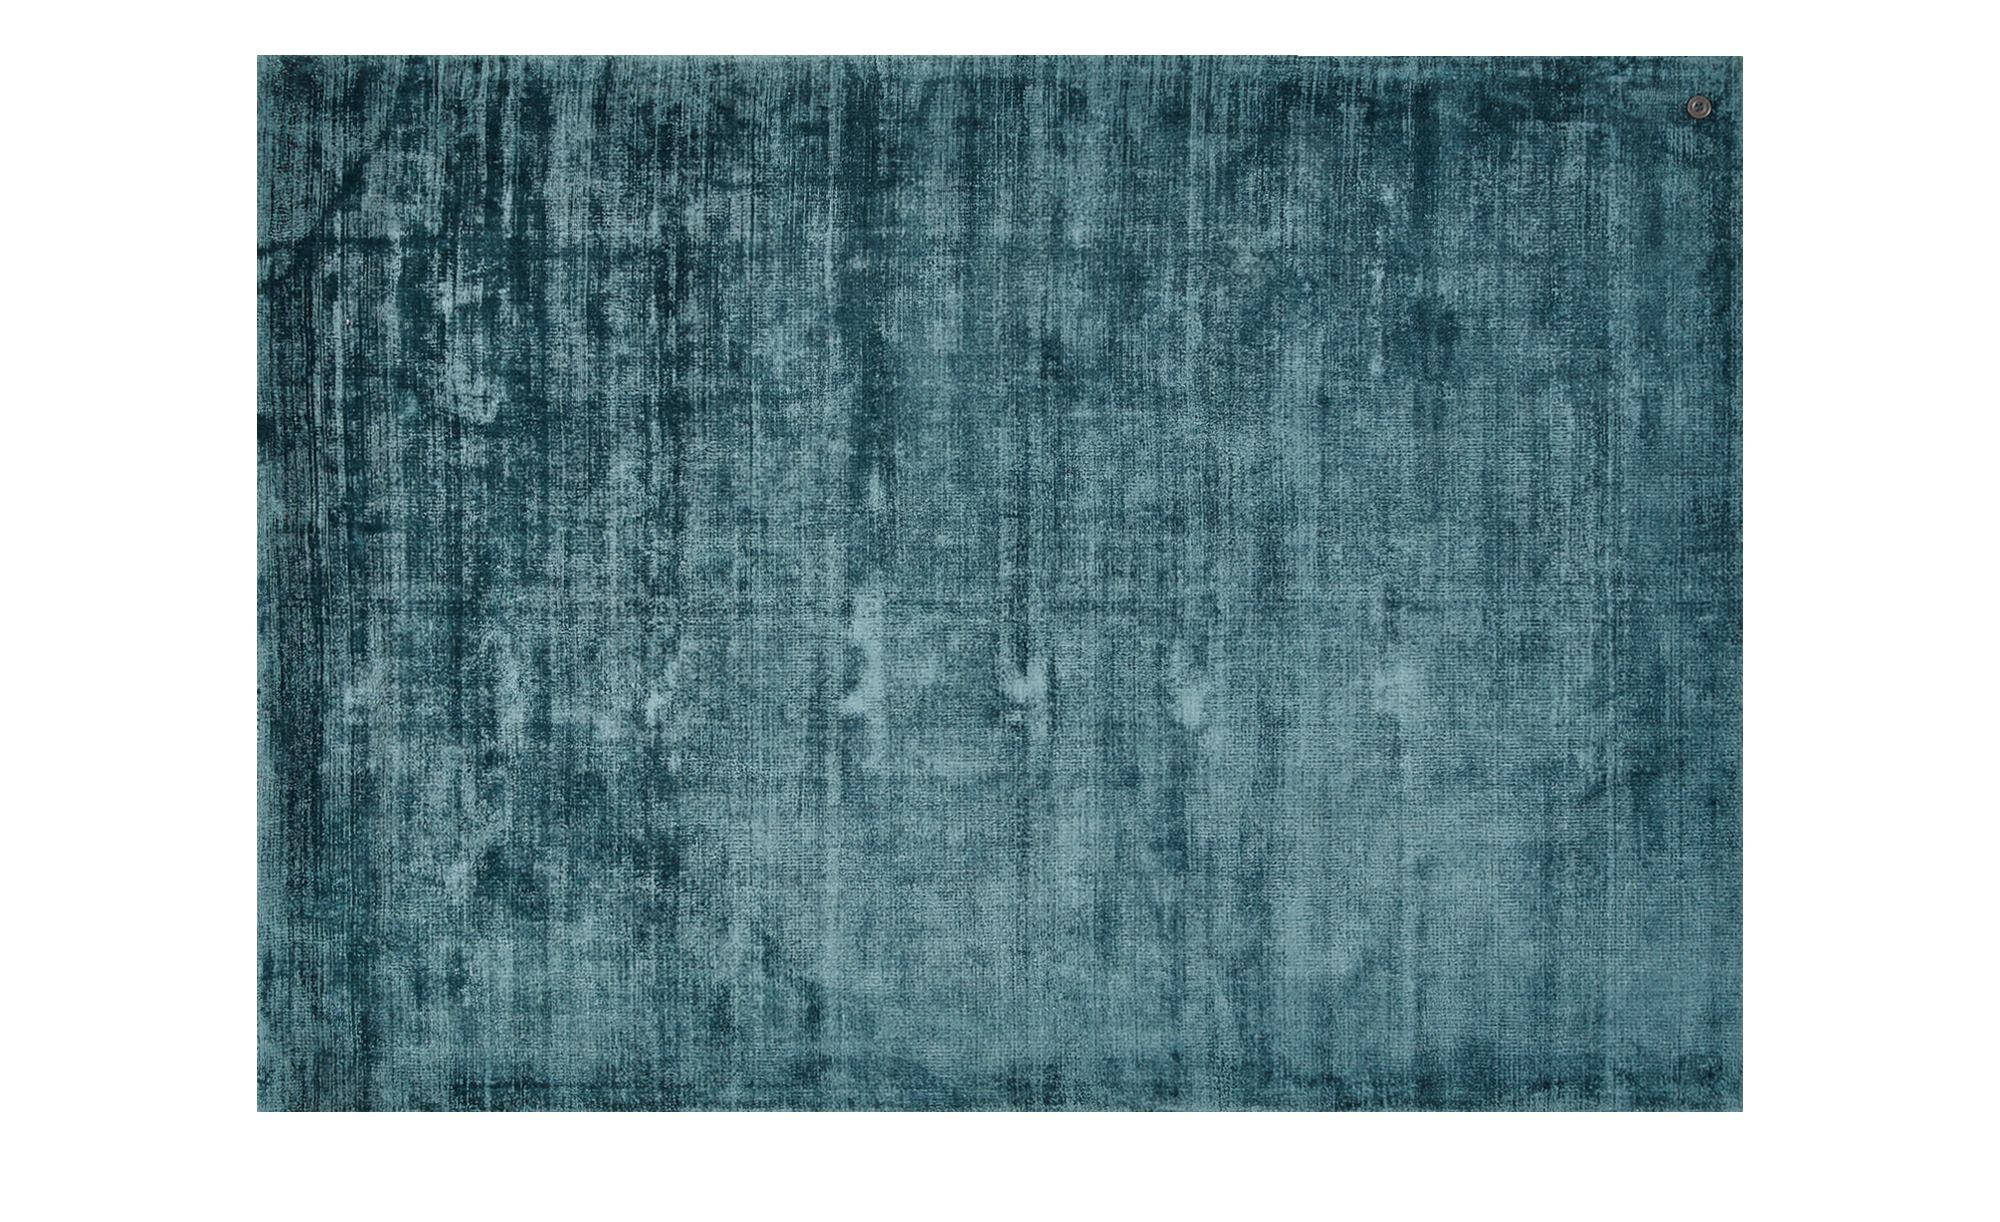 tom tailor teppich handgewebt shine breite 160 cm h he blau online kaufen bei woonio. Black Bedroom Furniture Sets. Home Design Ideas